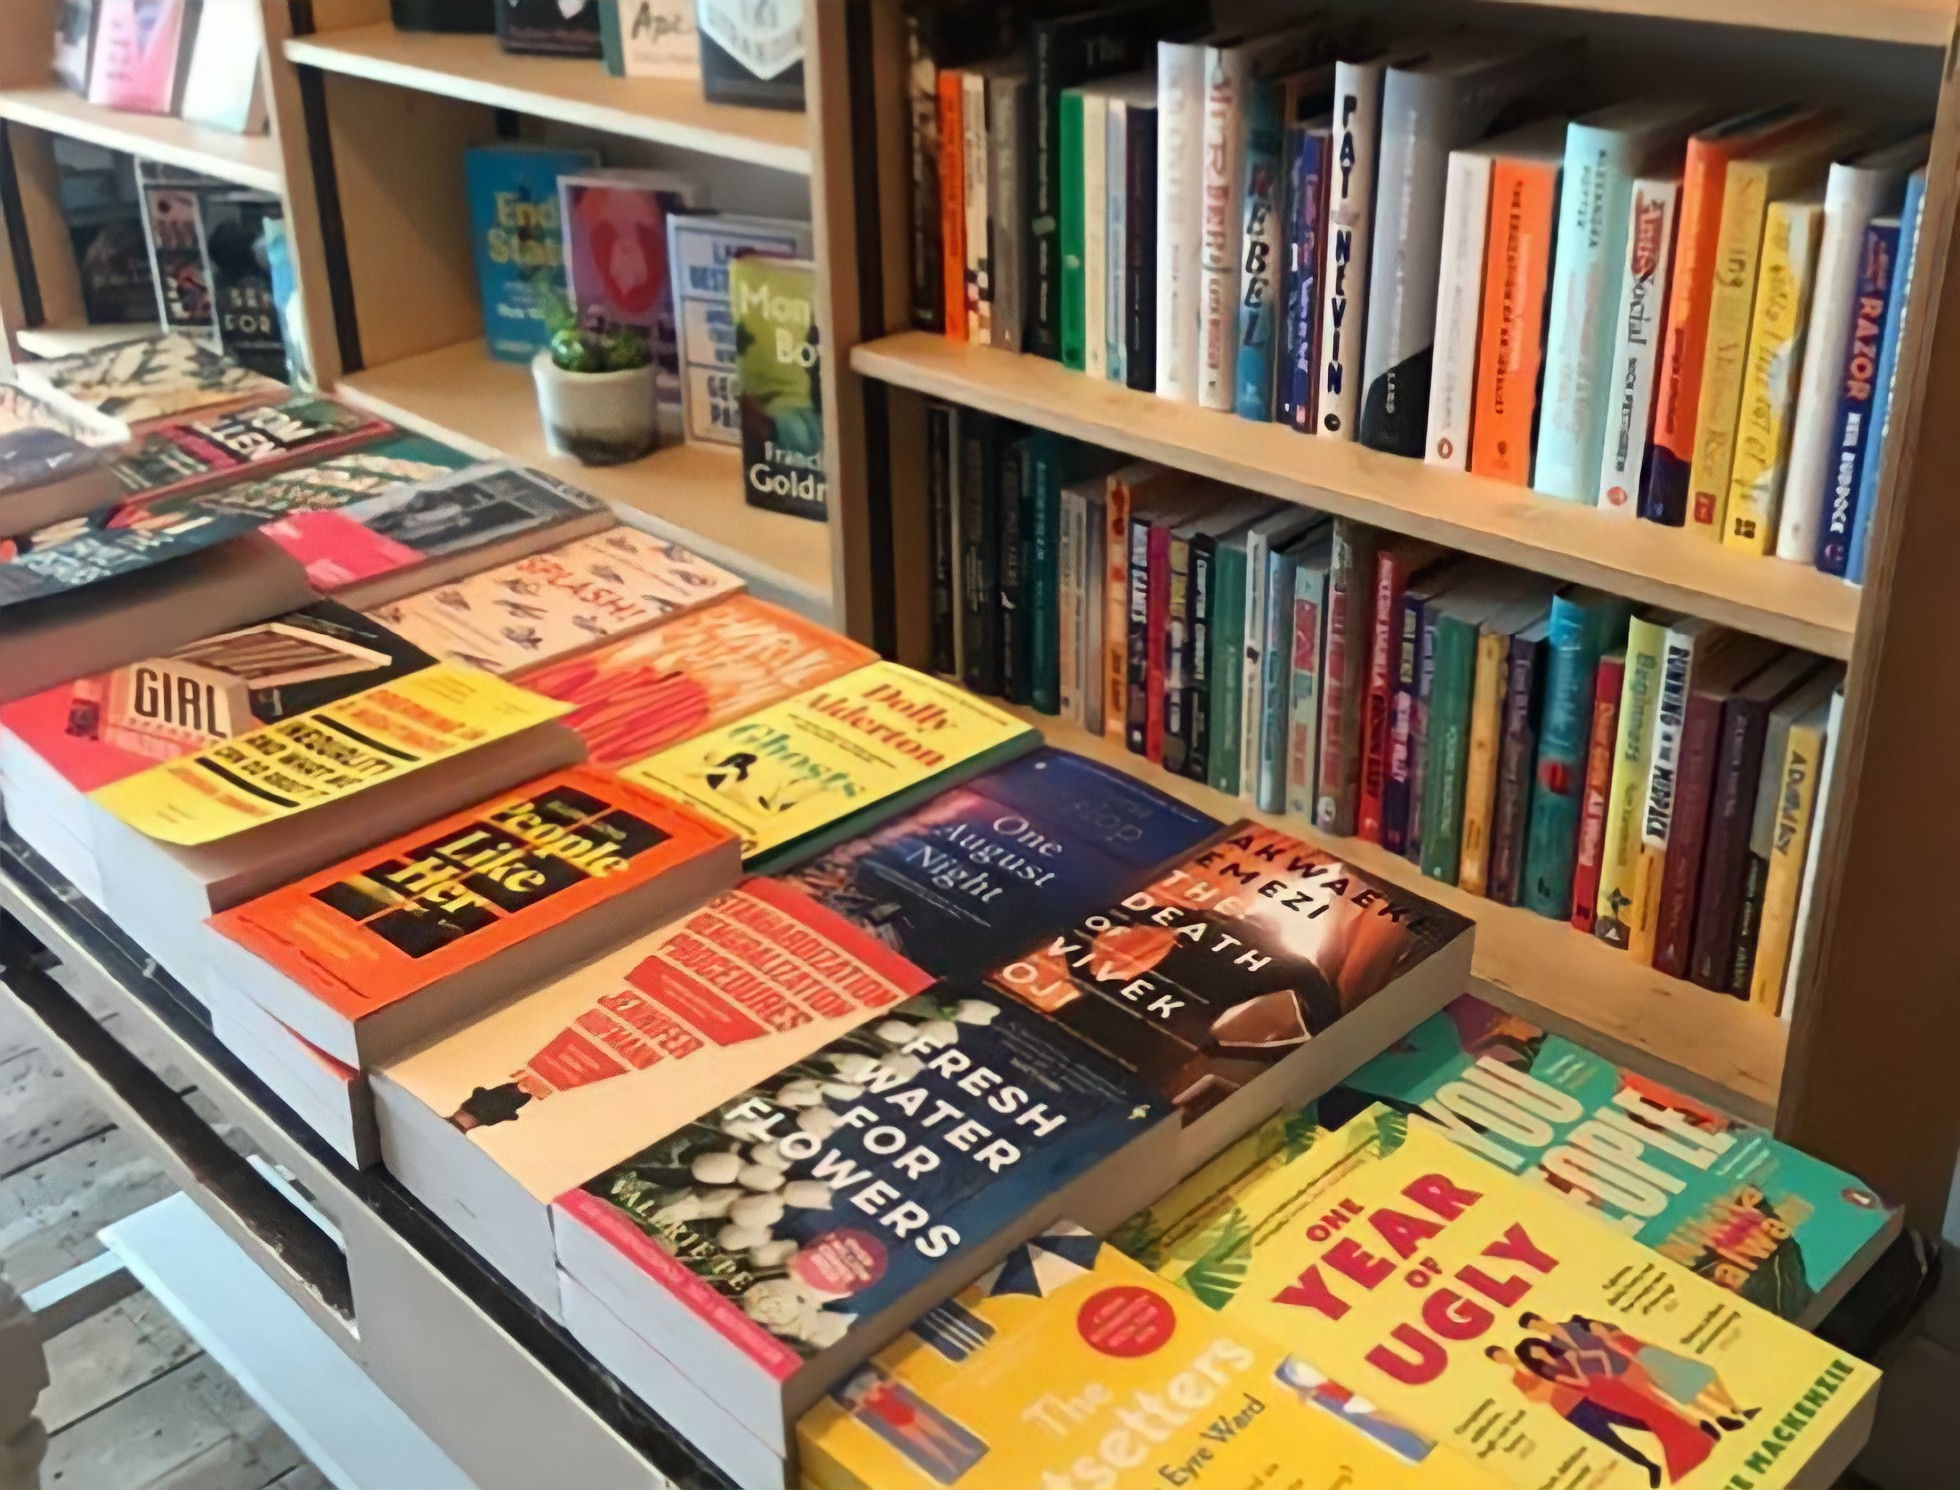 Hidden Bookshelf 8: Interview with Phlox Books